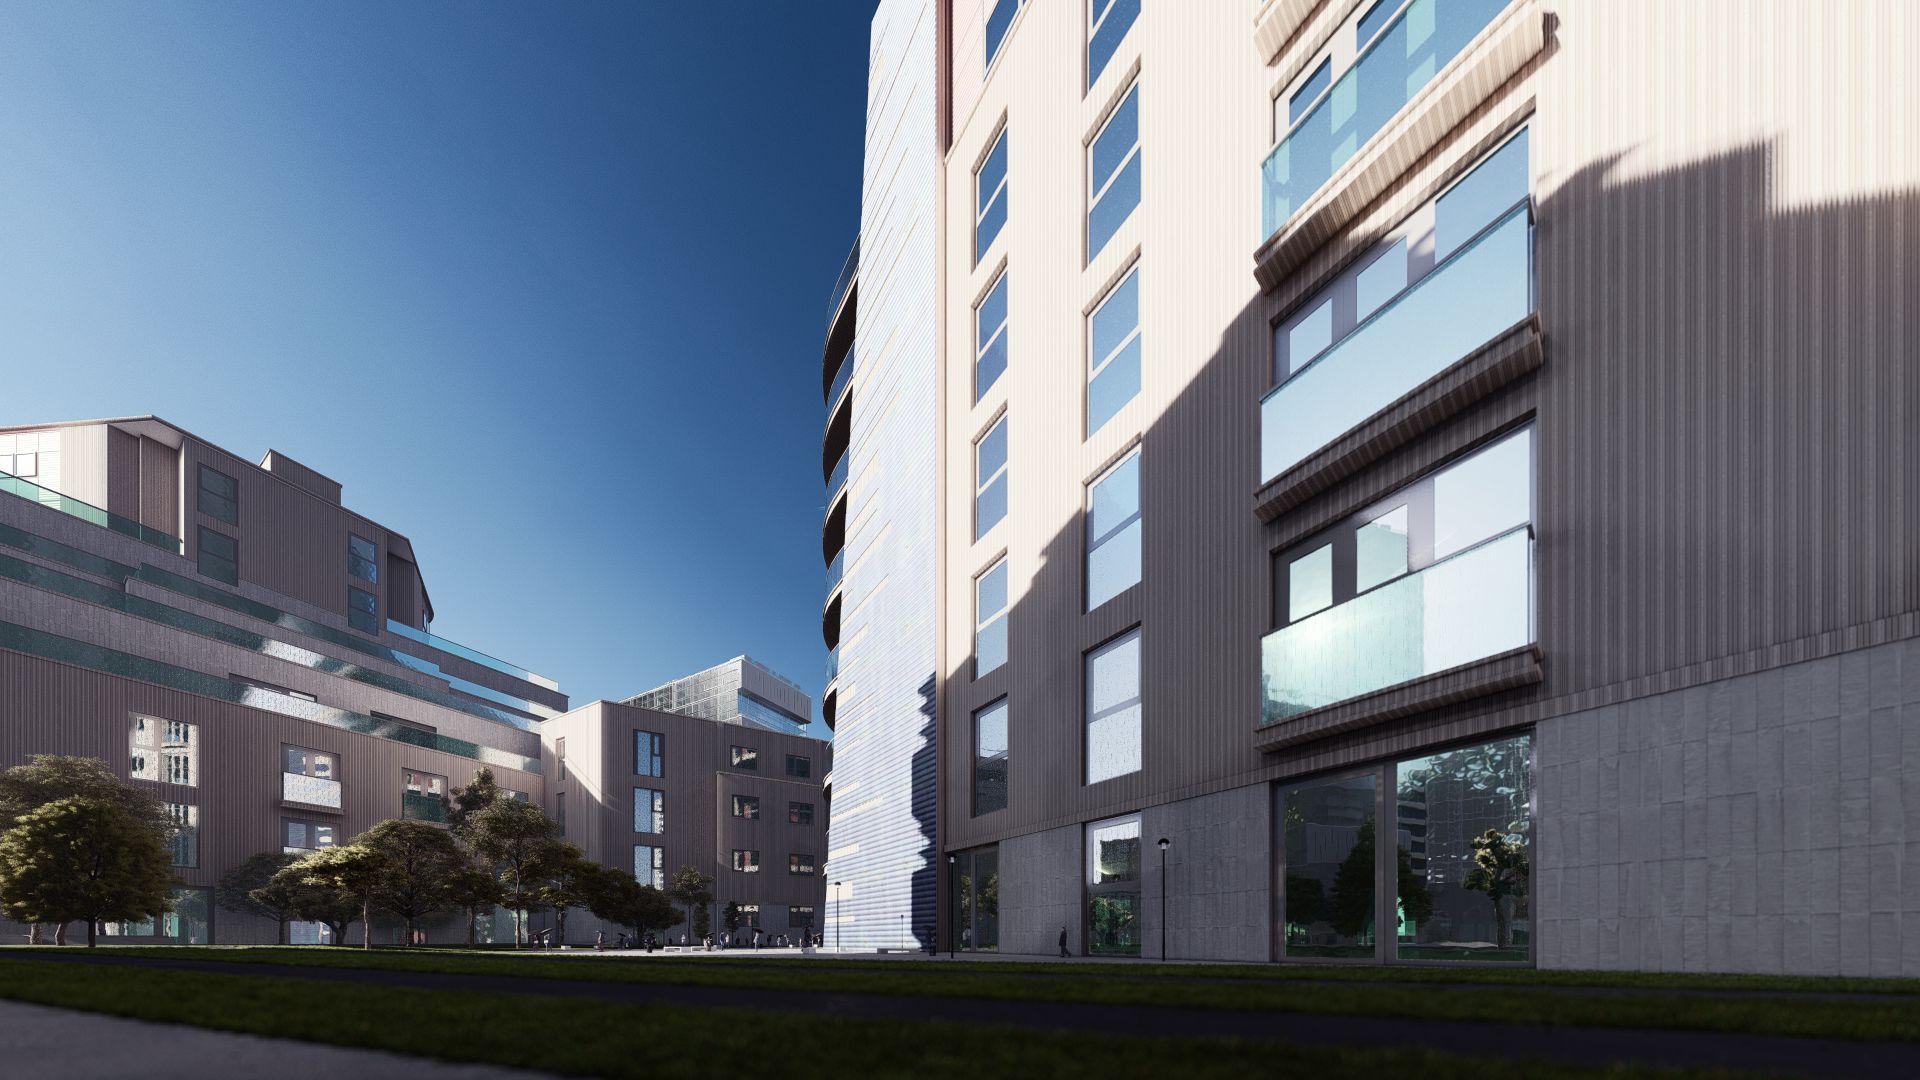 arhitektuurne 3d visualiseerimine hoone plokk 4